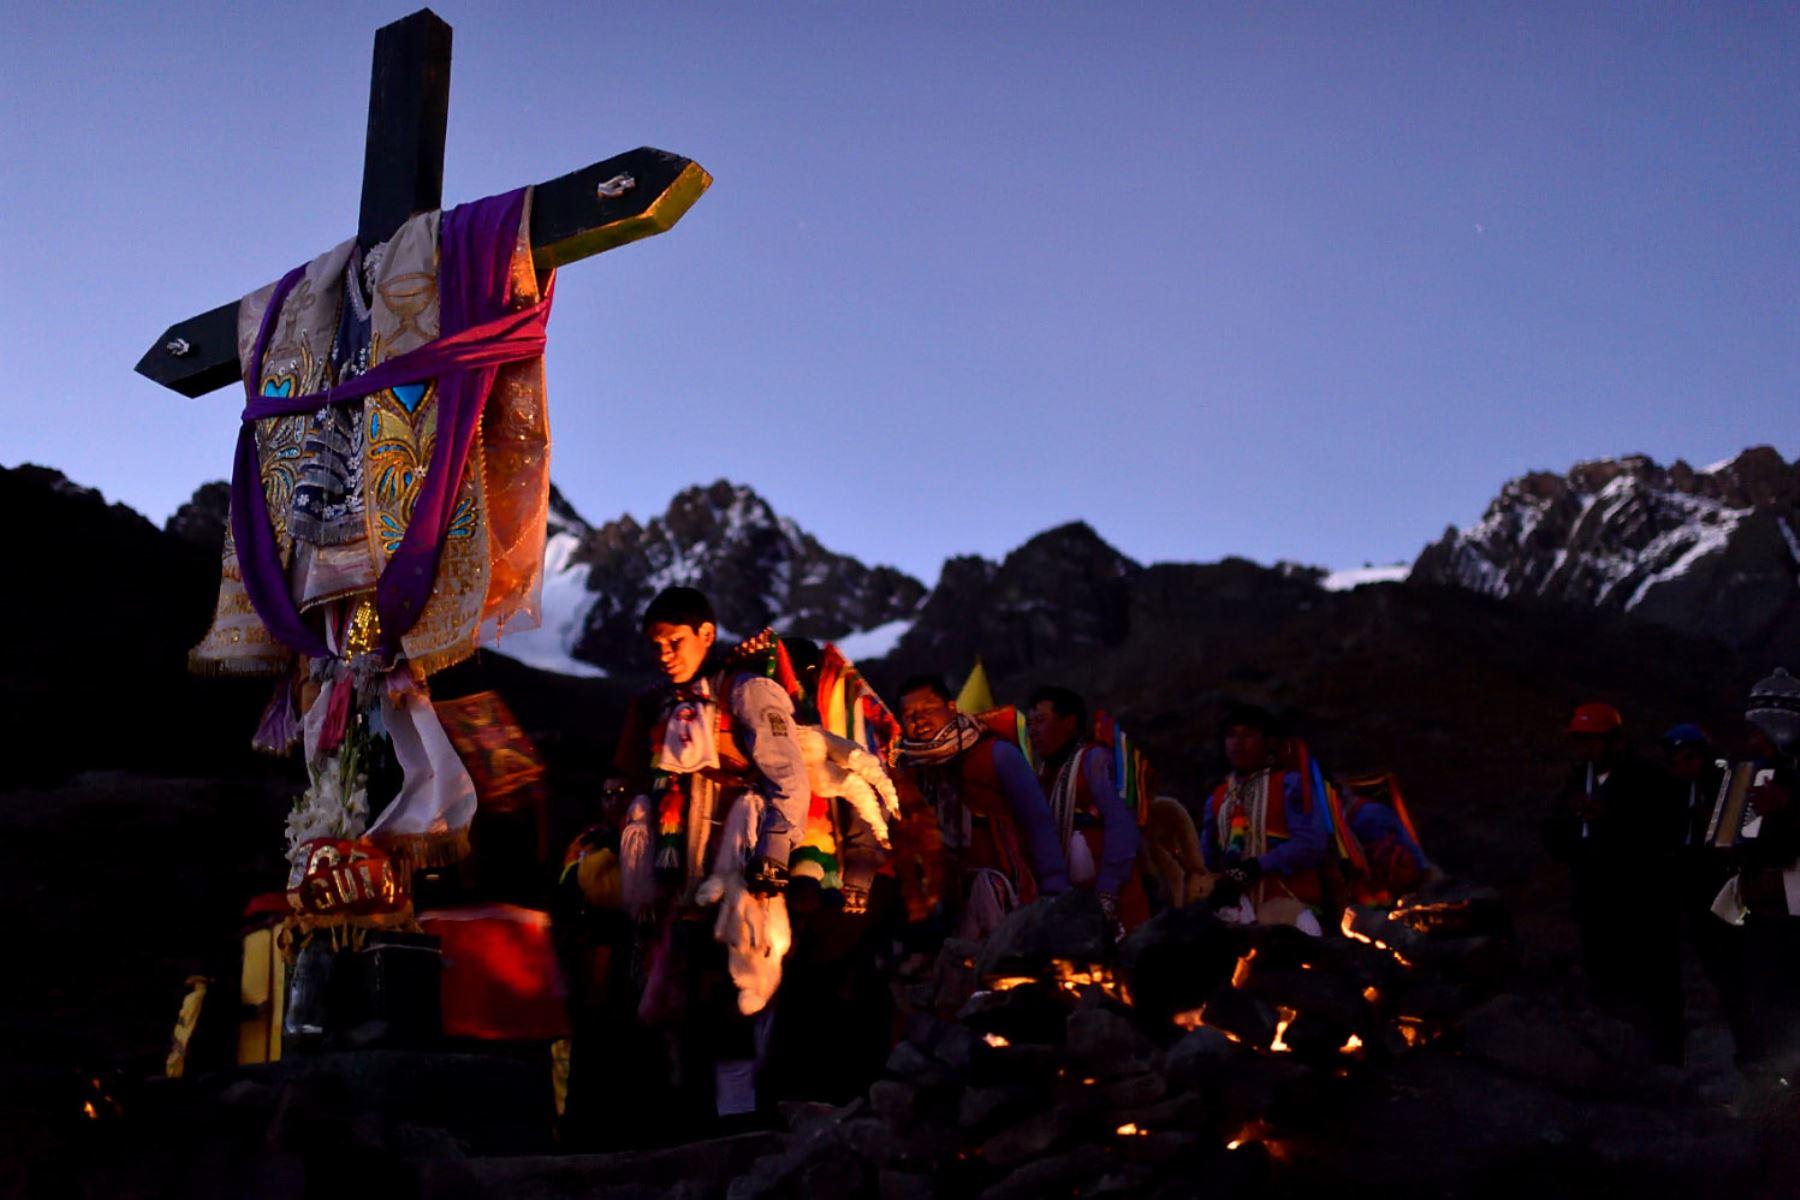 Miembros de la Nación Tahuantinsuyo hacen su paso frente a la cruz ubicada en lo alto del cerro próximo al nevado. Foto: Cortesía/ José Sotomayor